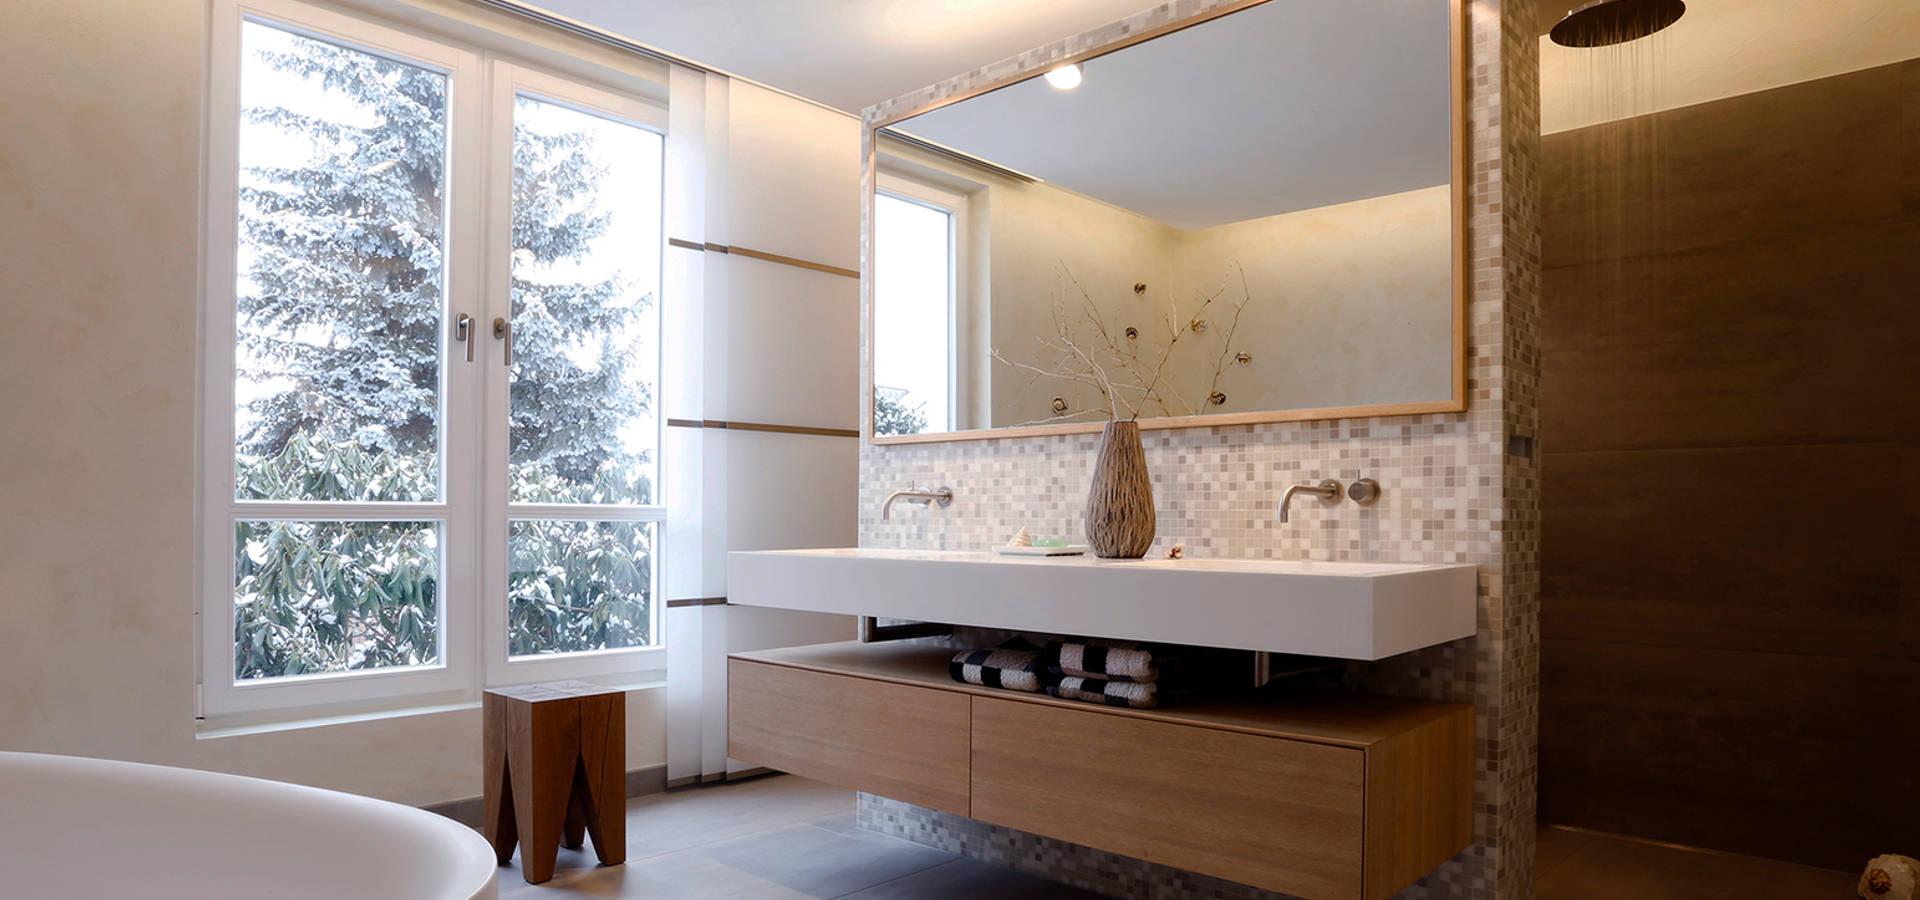 tuba design dise o sustentable en m nchen homify. Black Bedroom Furniture Sets. Home Design Ideas